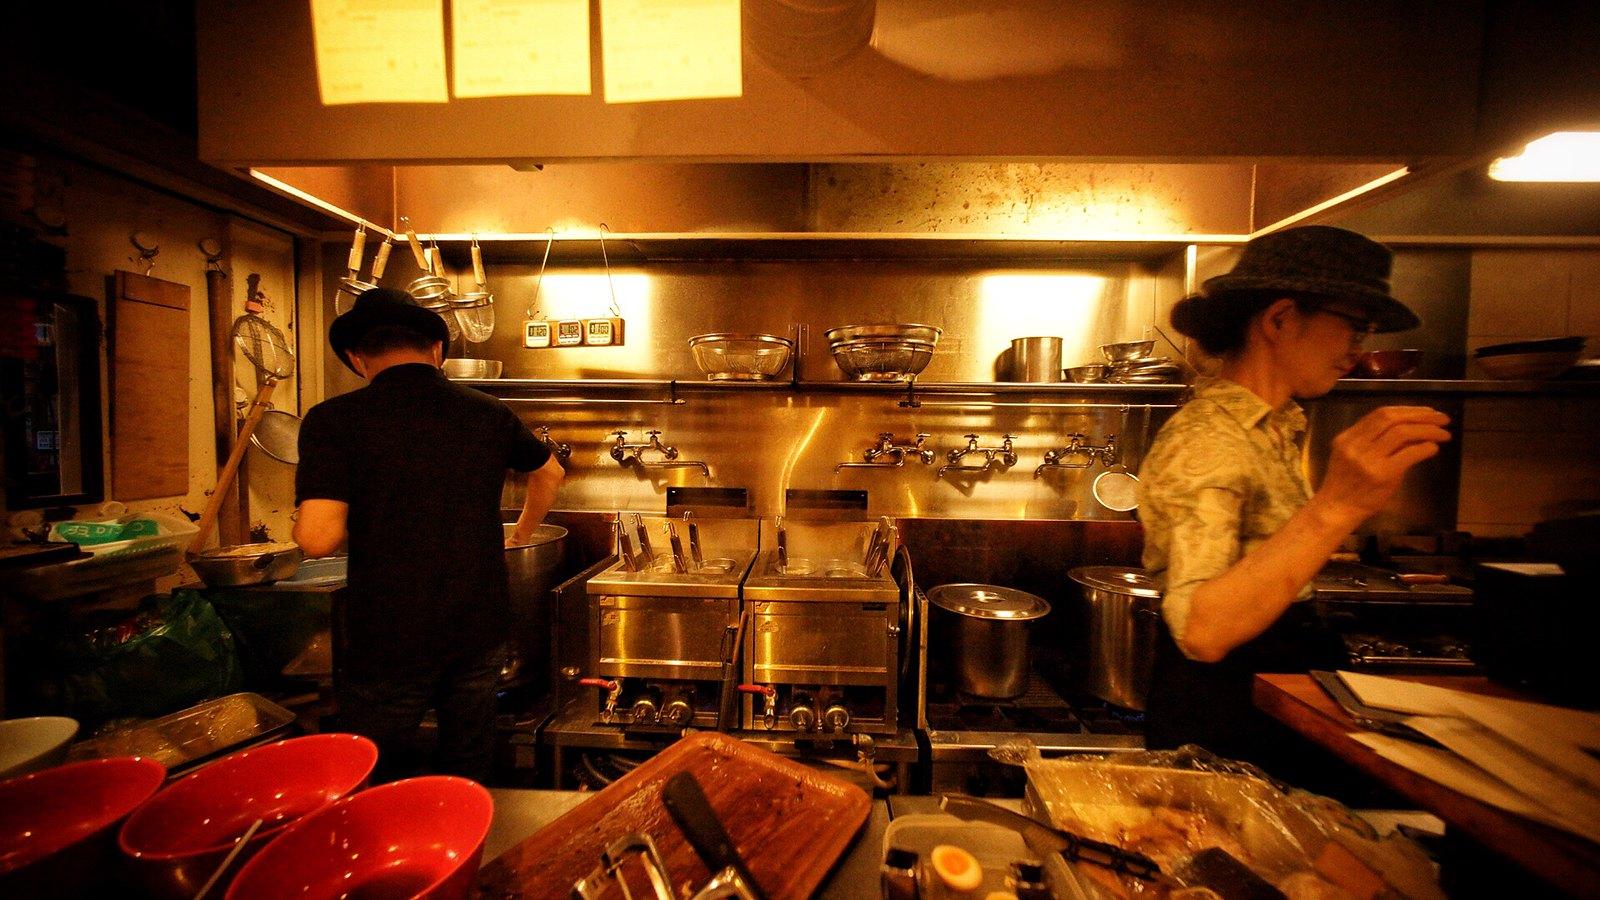 Last night I ate what was easily the best ラーメン of my life! #japan15 #foto #Kyoto #SonyA7 #Voigtlander12mm #ramen